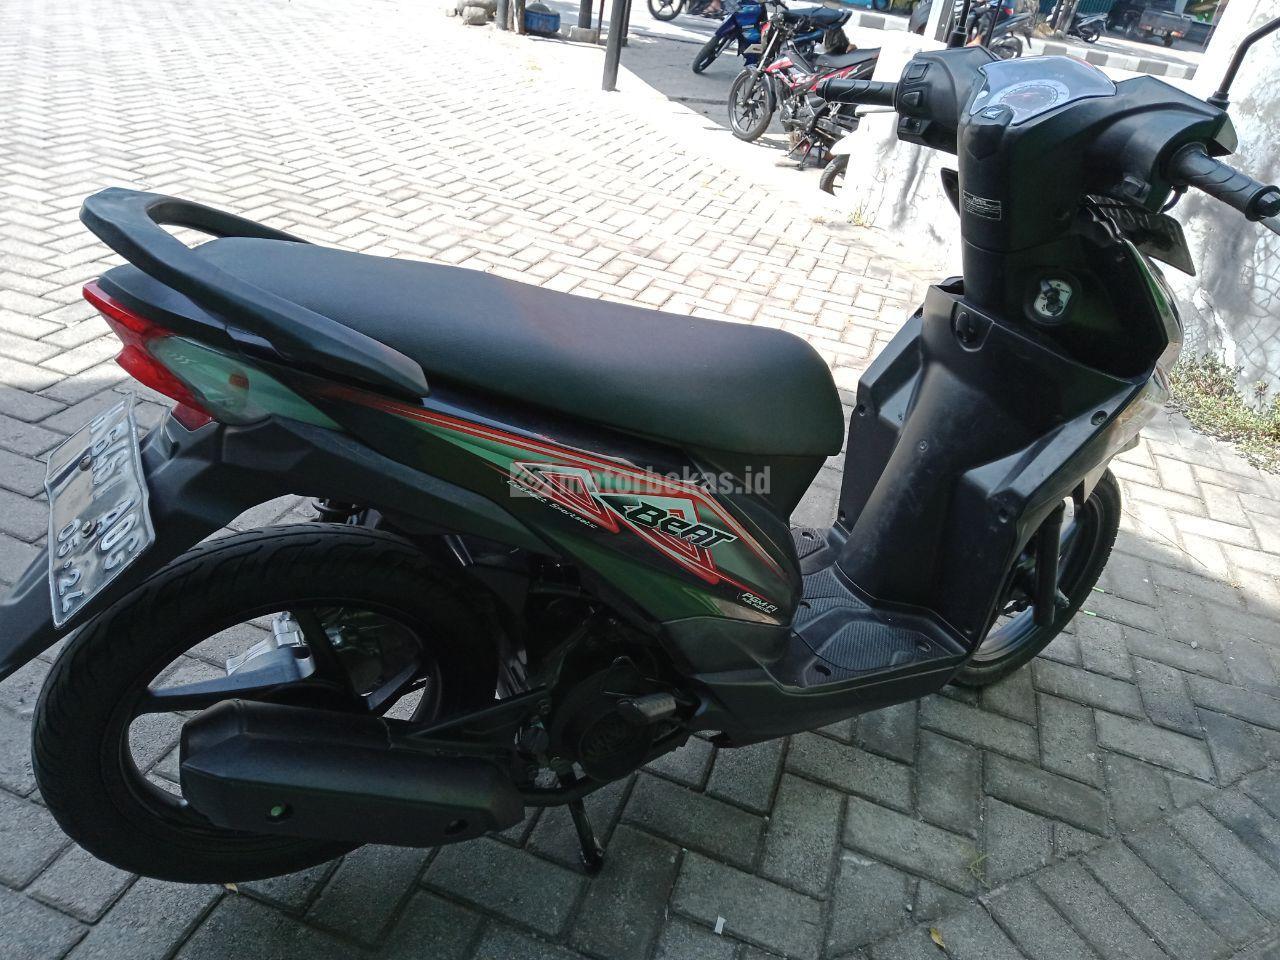 HONDA BEAT FI 3062 motorbekas.id